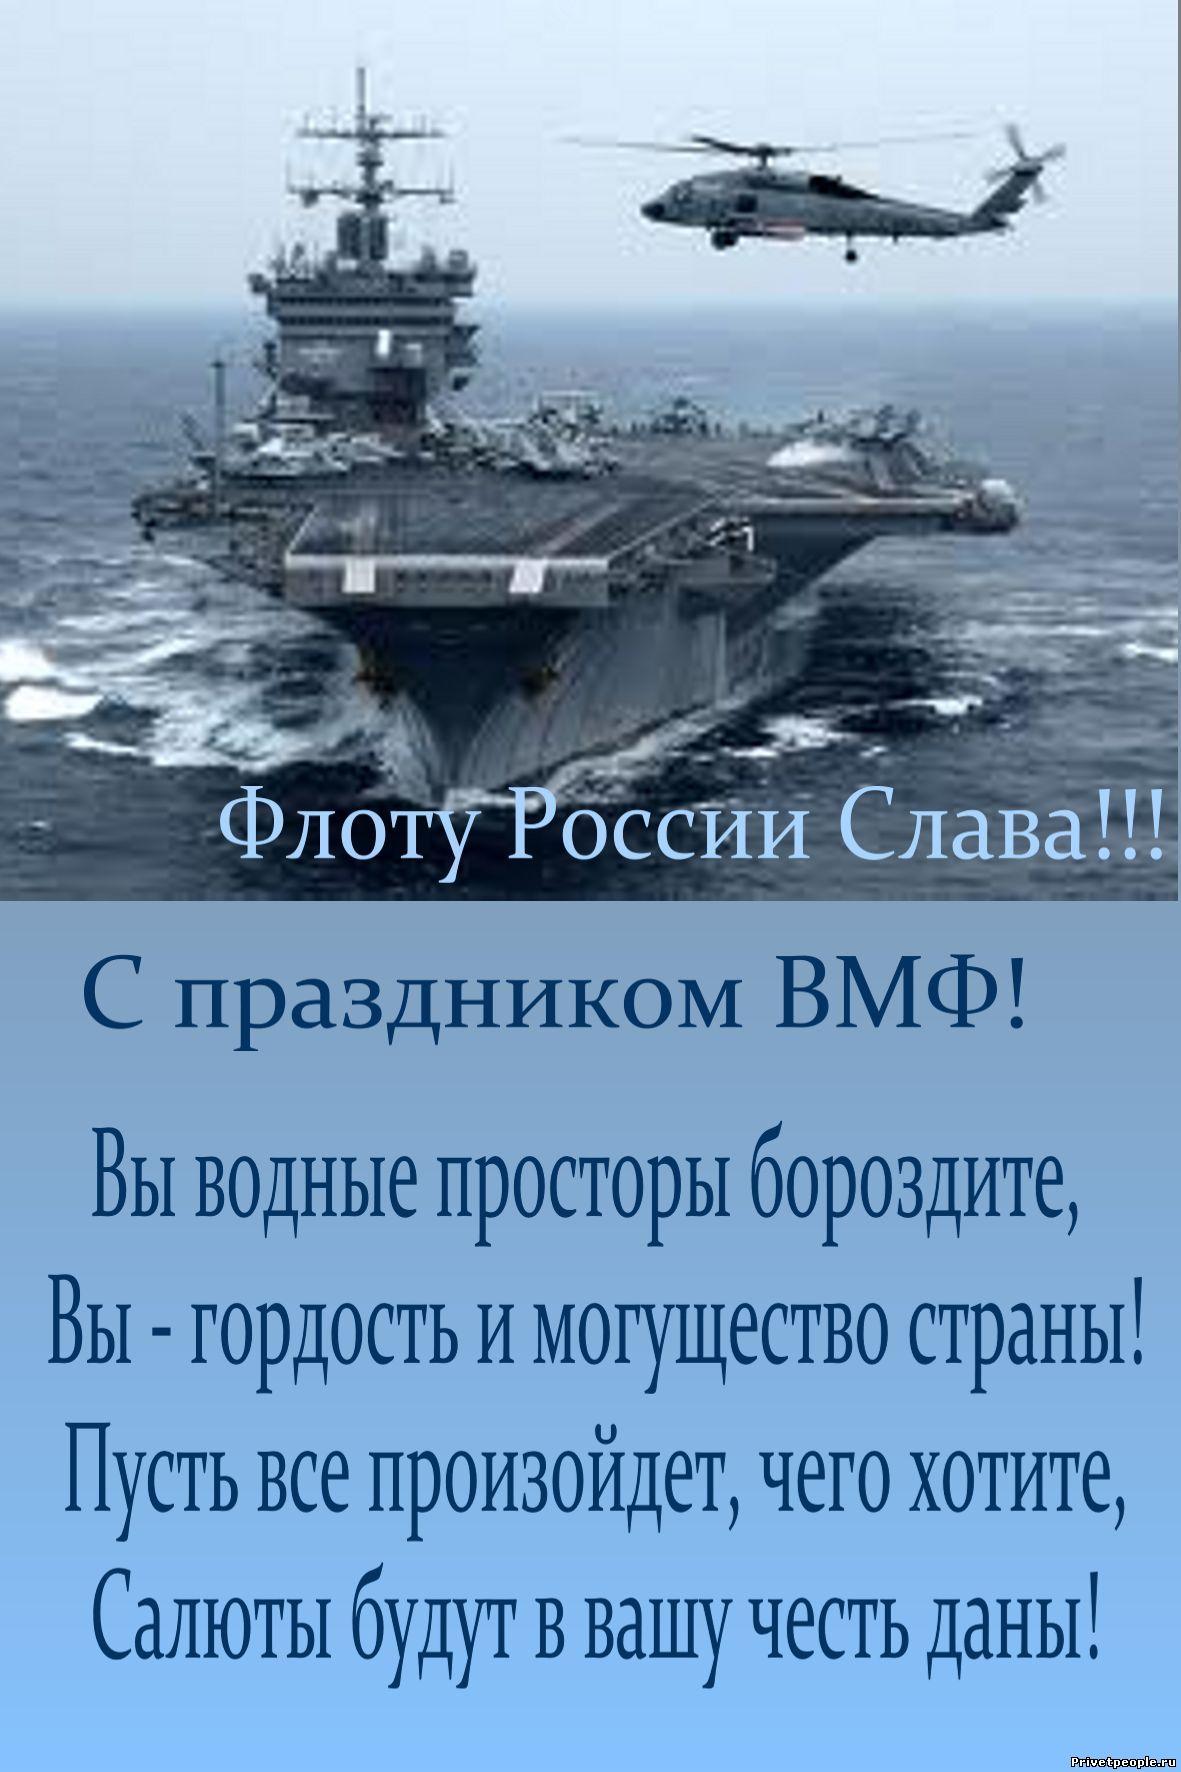 Поздравление моряков с днем вмф